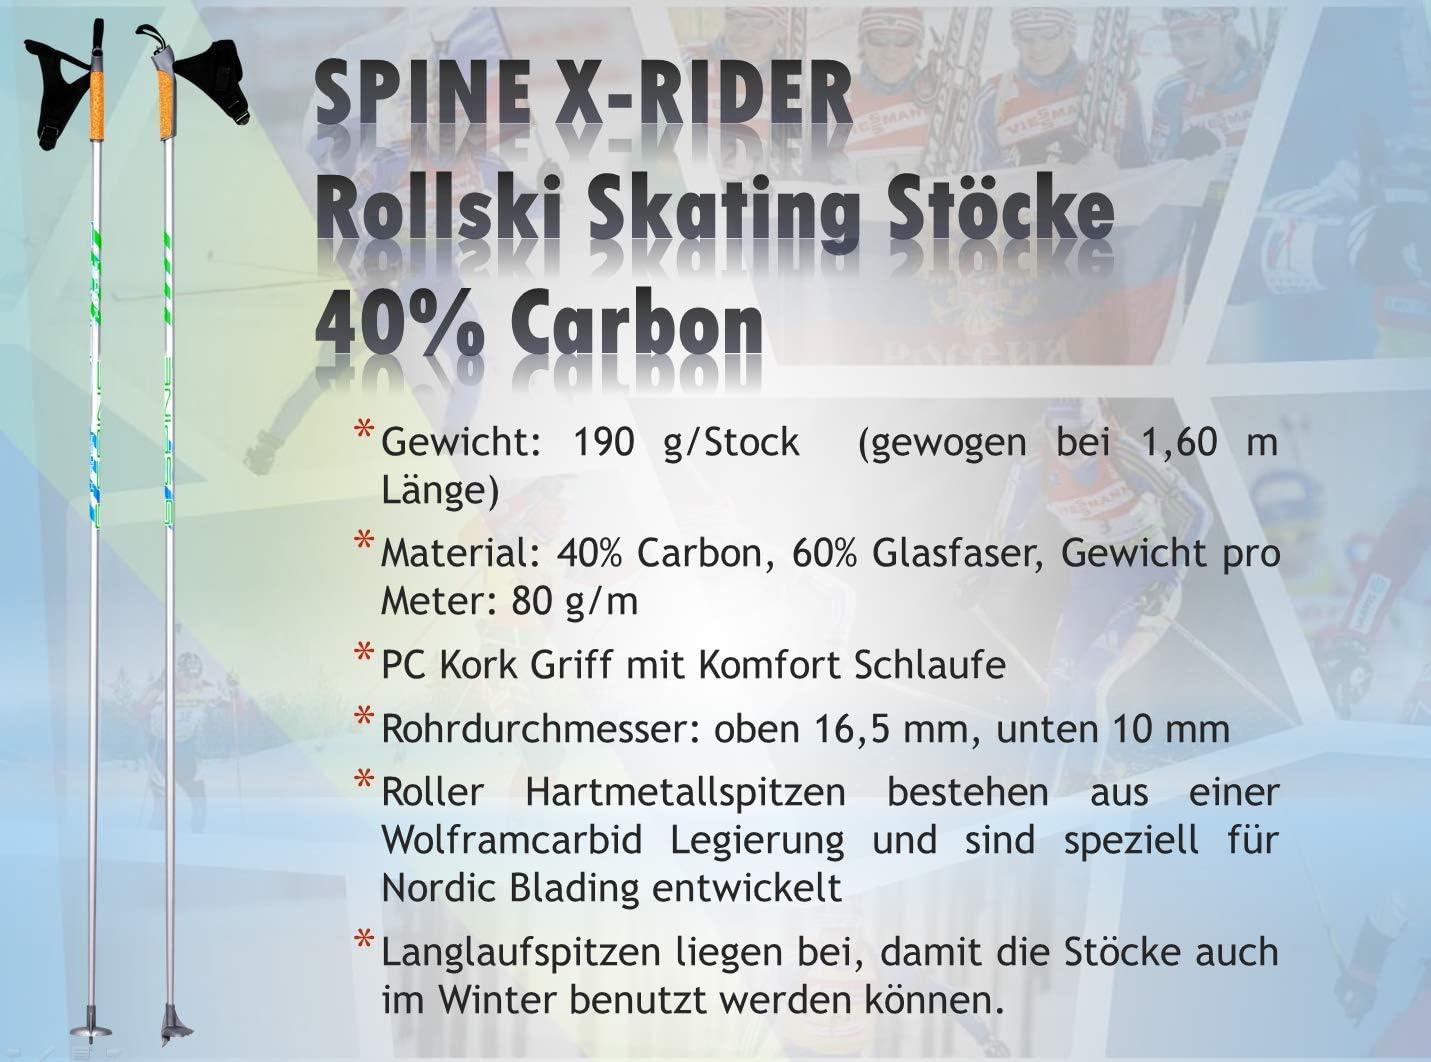 Spine X-Rider Skating Rollski St/öcke Skike Nordic Blading St/öcke mit Soft Roller D/ämpferspitzen